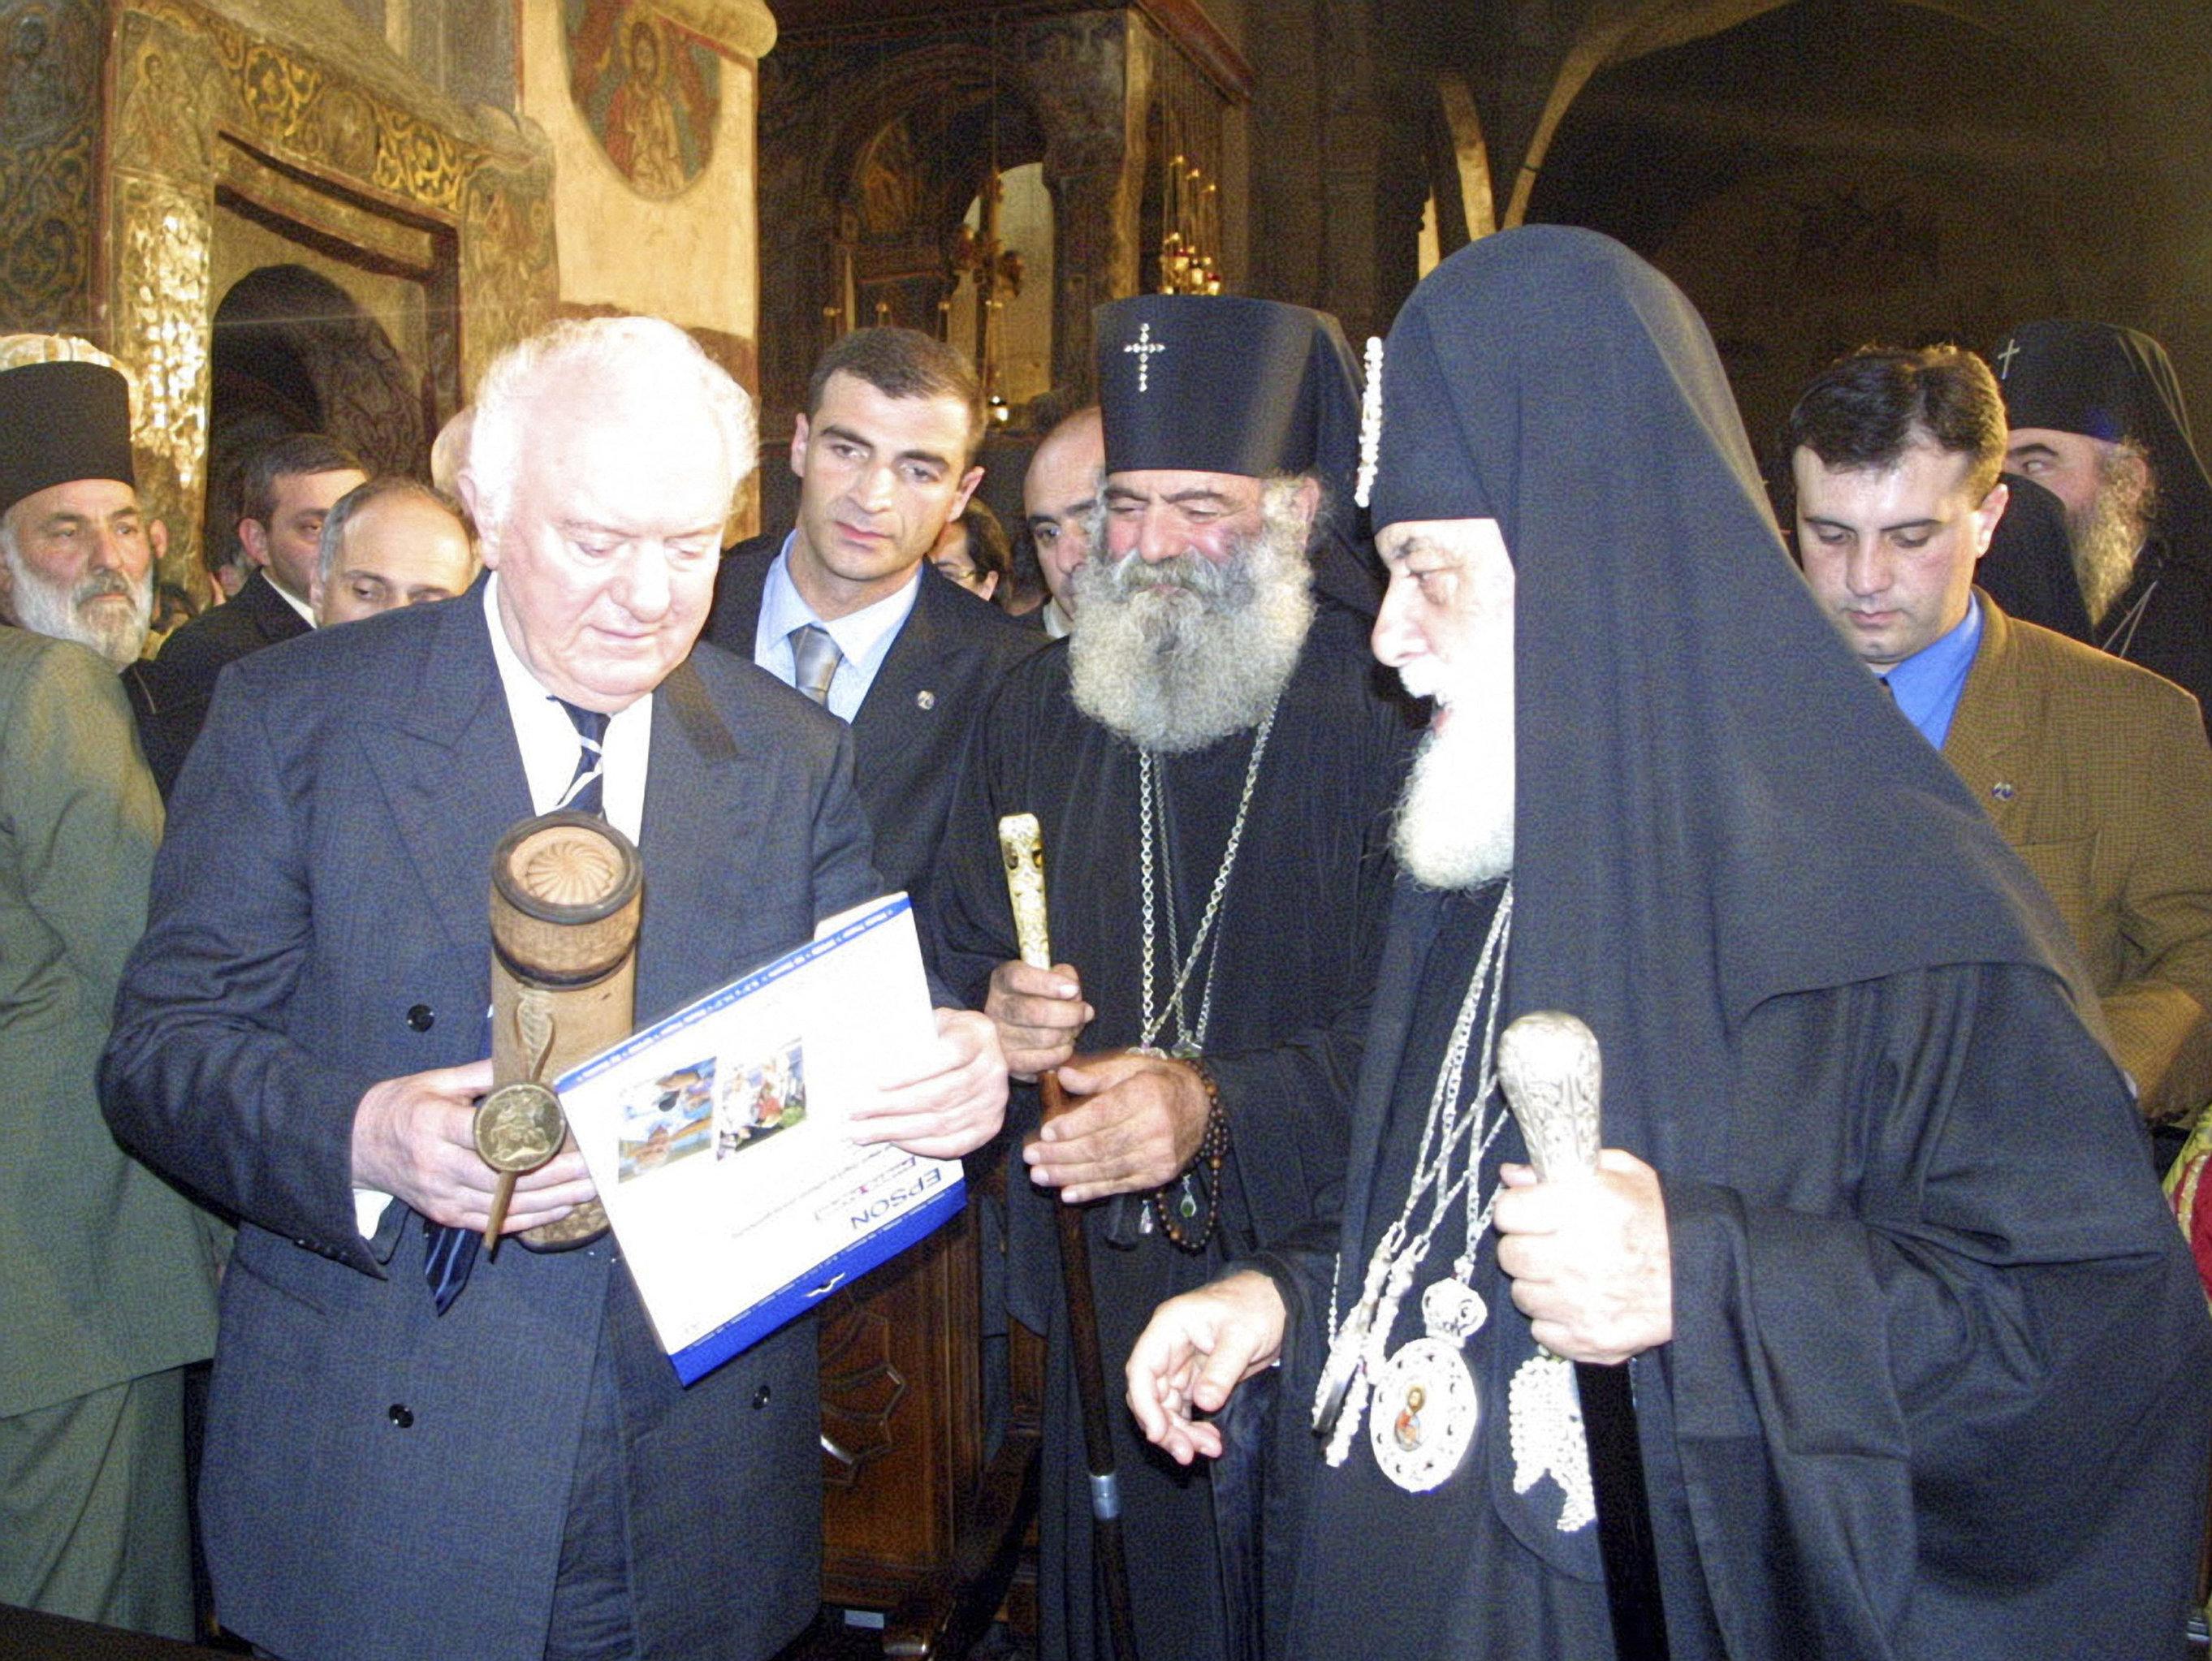 Второй президент Грузии Эдуард Шеварднадзе и Католикос-Патриарх всея Грузии Илия Второй во время религиозного праздника Мцхетоба в Мцхете